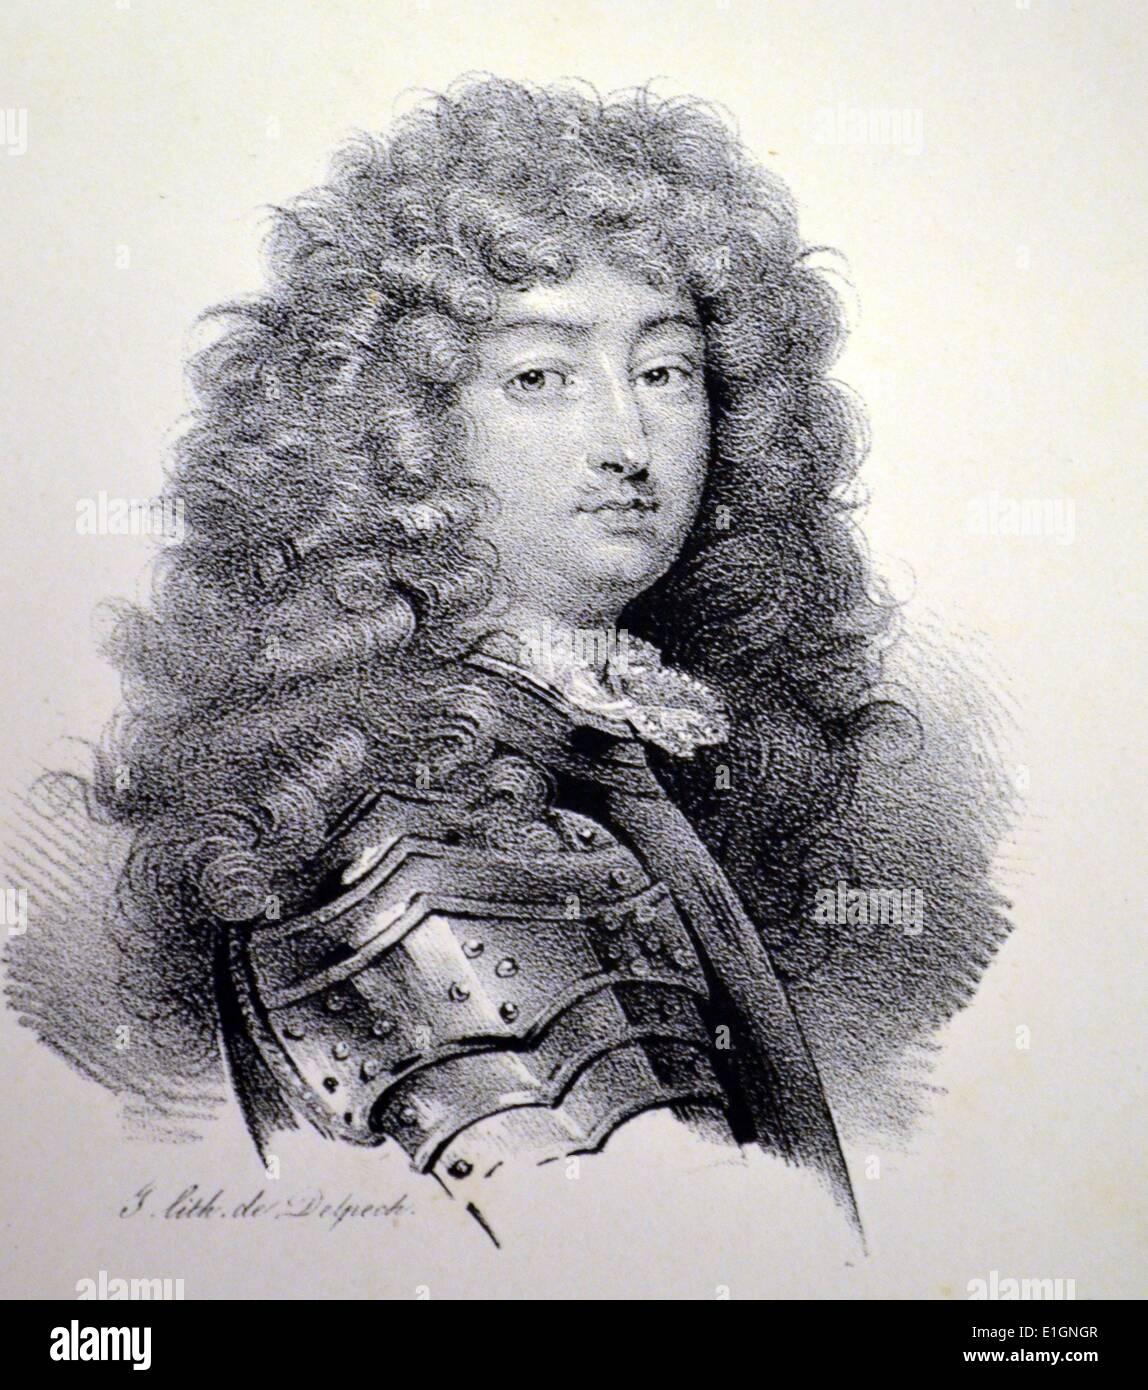 Louis XIV (1638-1715) el Rey Sol. El rey de Francia, 1613-1715. Litografía, París, c1840. Foto de stock